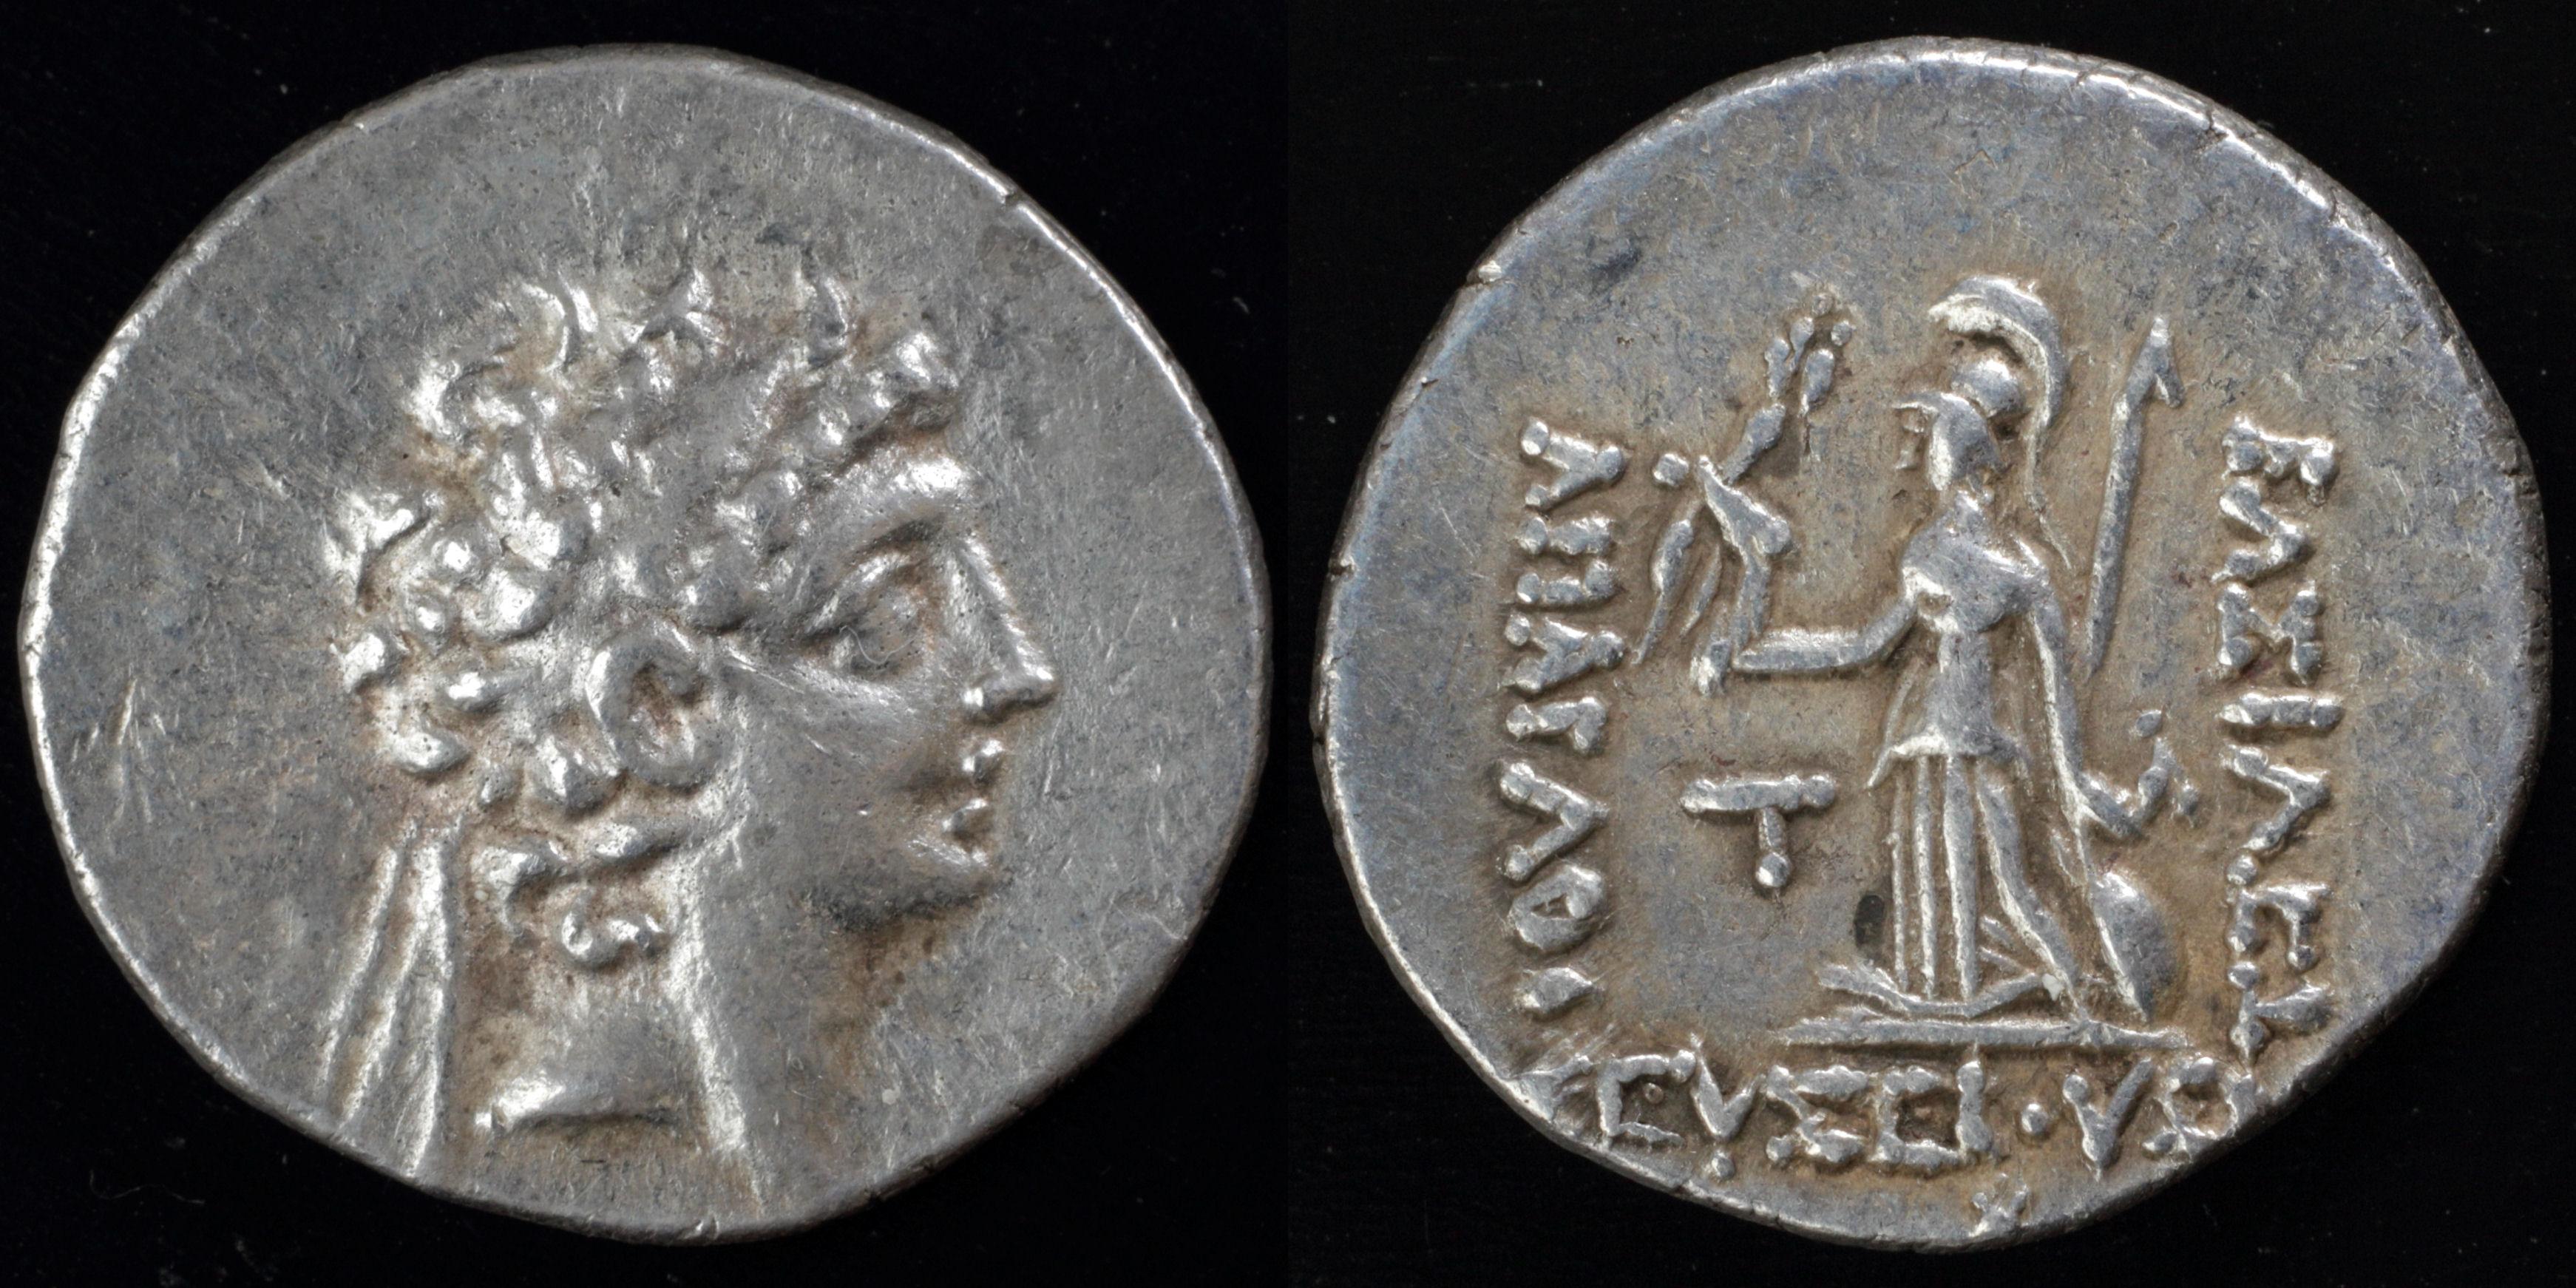 Ariarathes VIII of Cappadocia